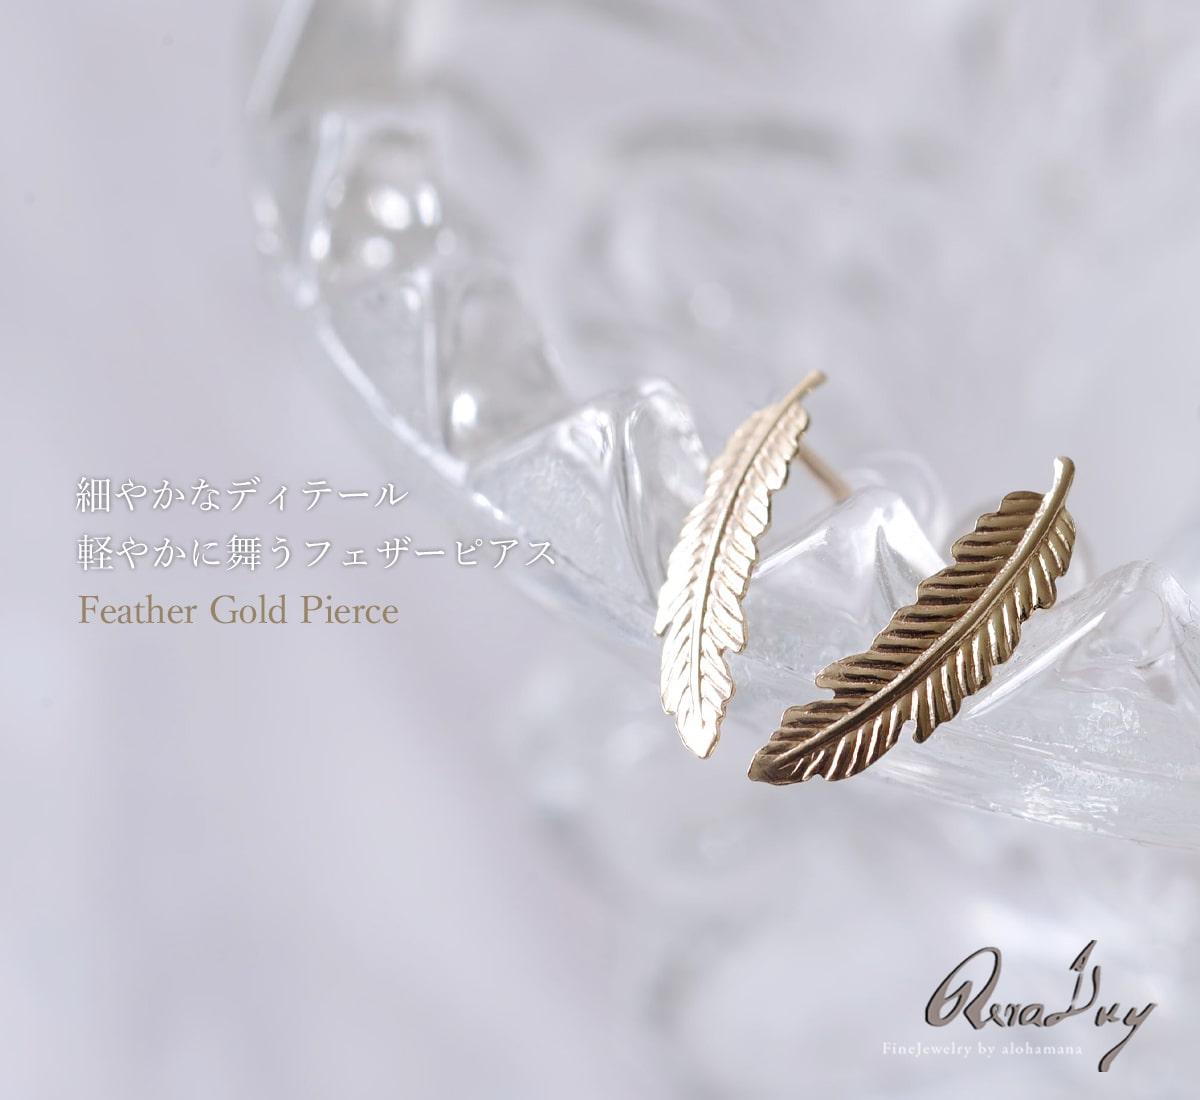 K18 ゴールド ピアス レディース 女性 アクセサリー (RERALUy) フェザー ピアス 両耳用 イエローゴールド スタッドピアス 新作/rpe1681k18